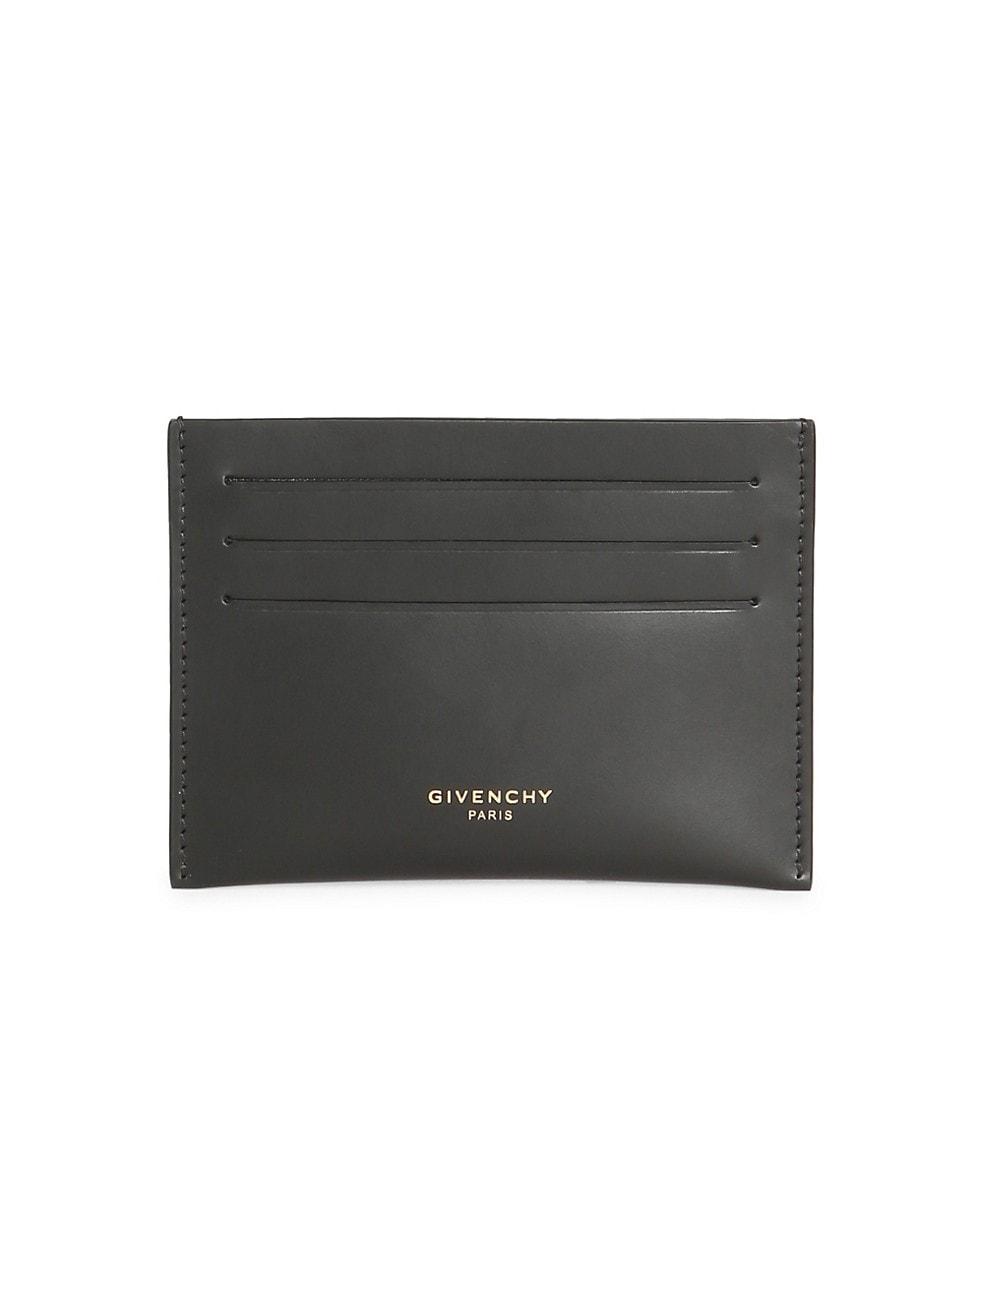 지방시 Givenchy Leather Card Case,BLACK